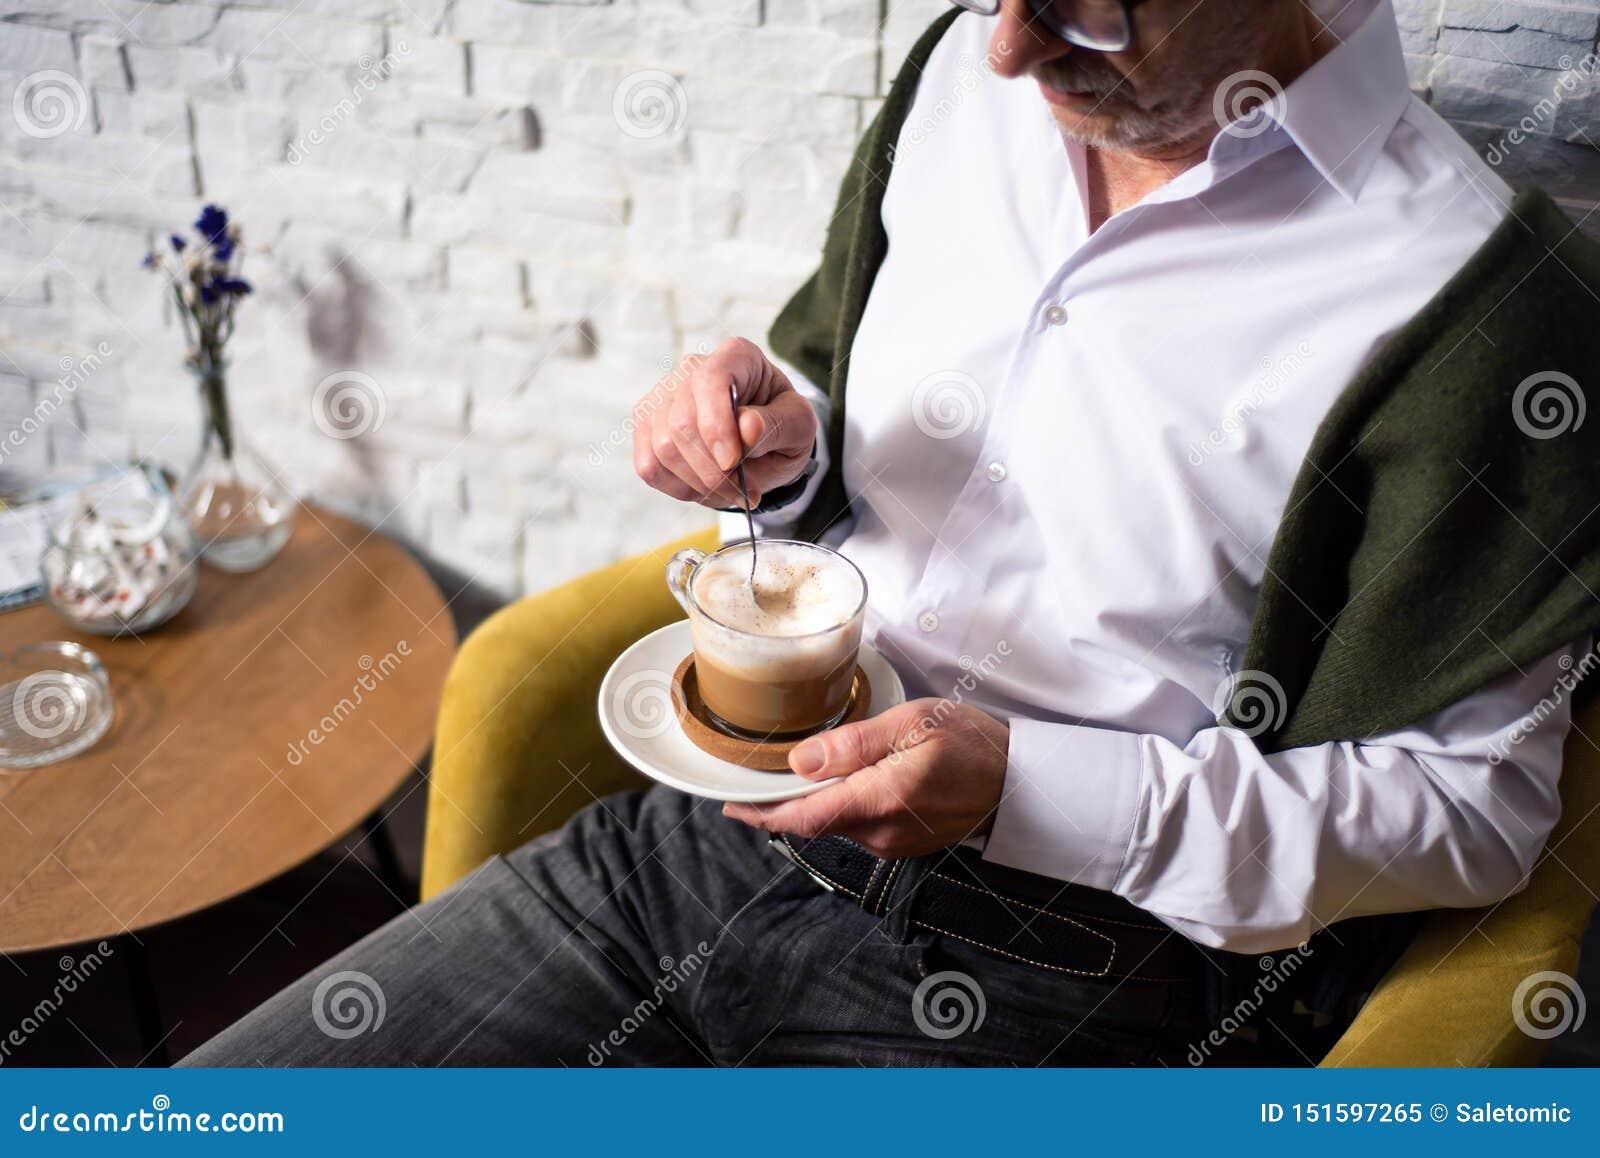 老人喝咖啡在酒吧